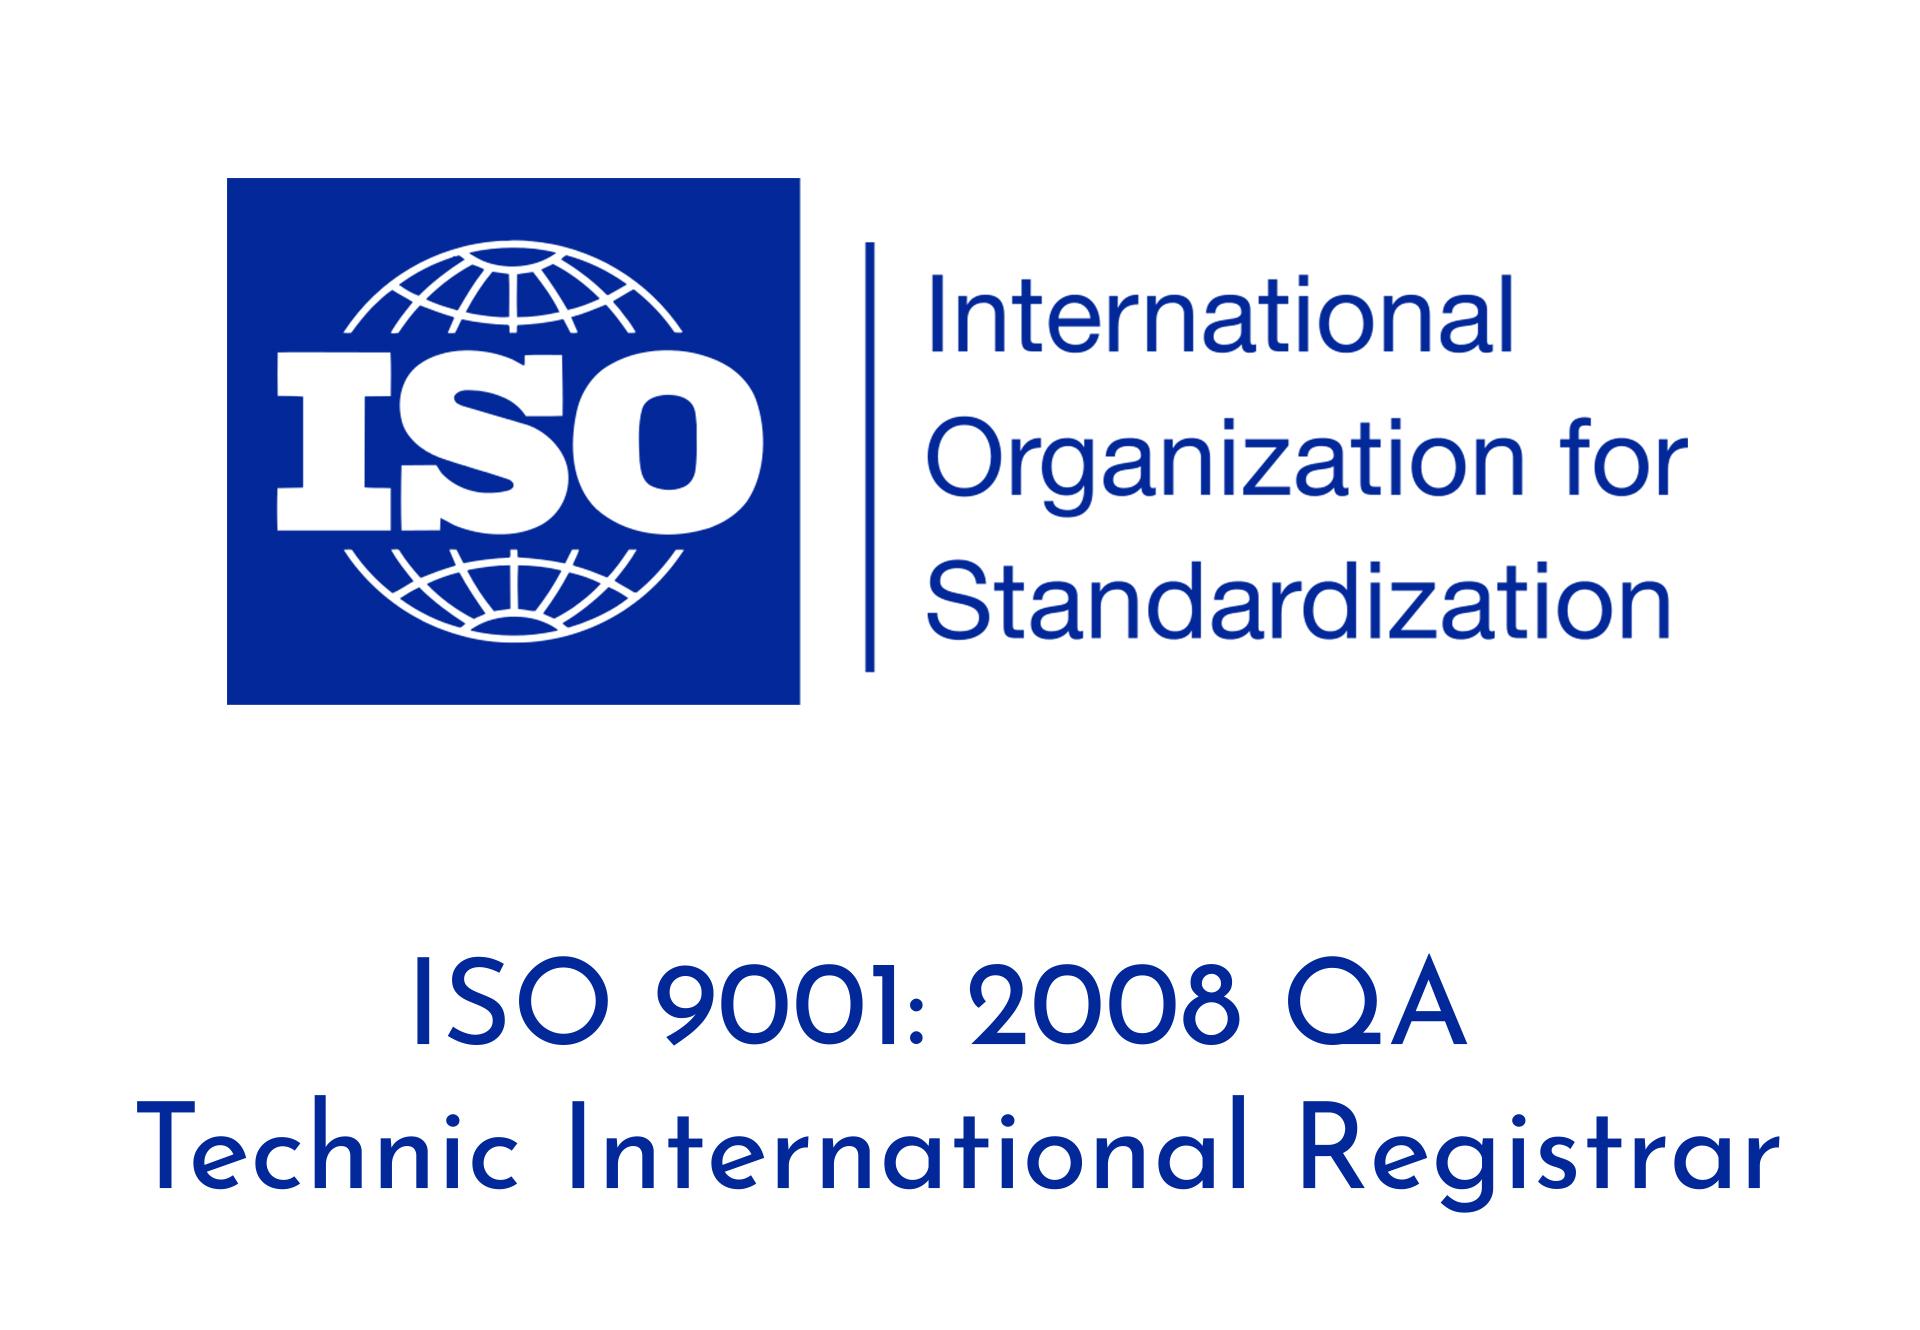 ISO 9001 2008 QA Technic International Registrar